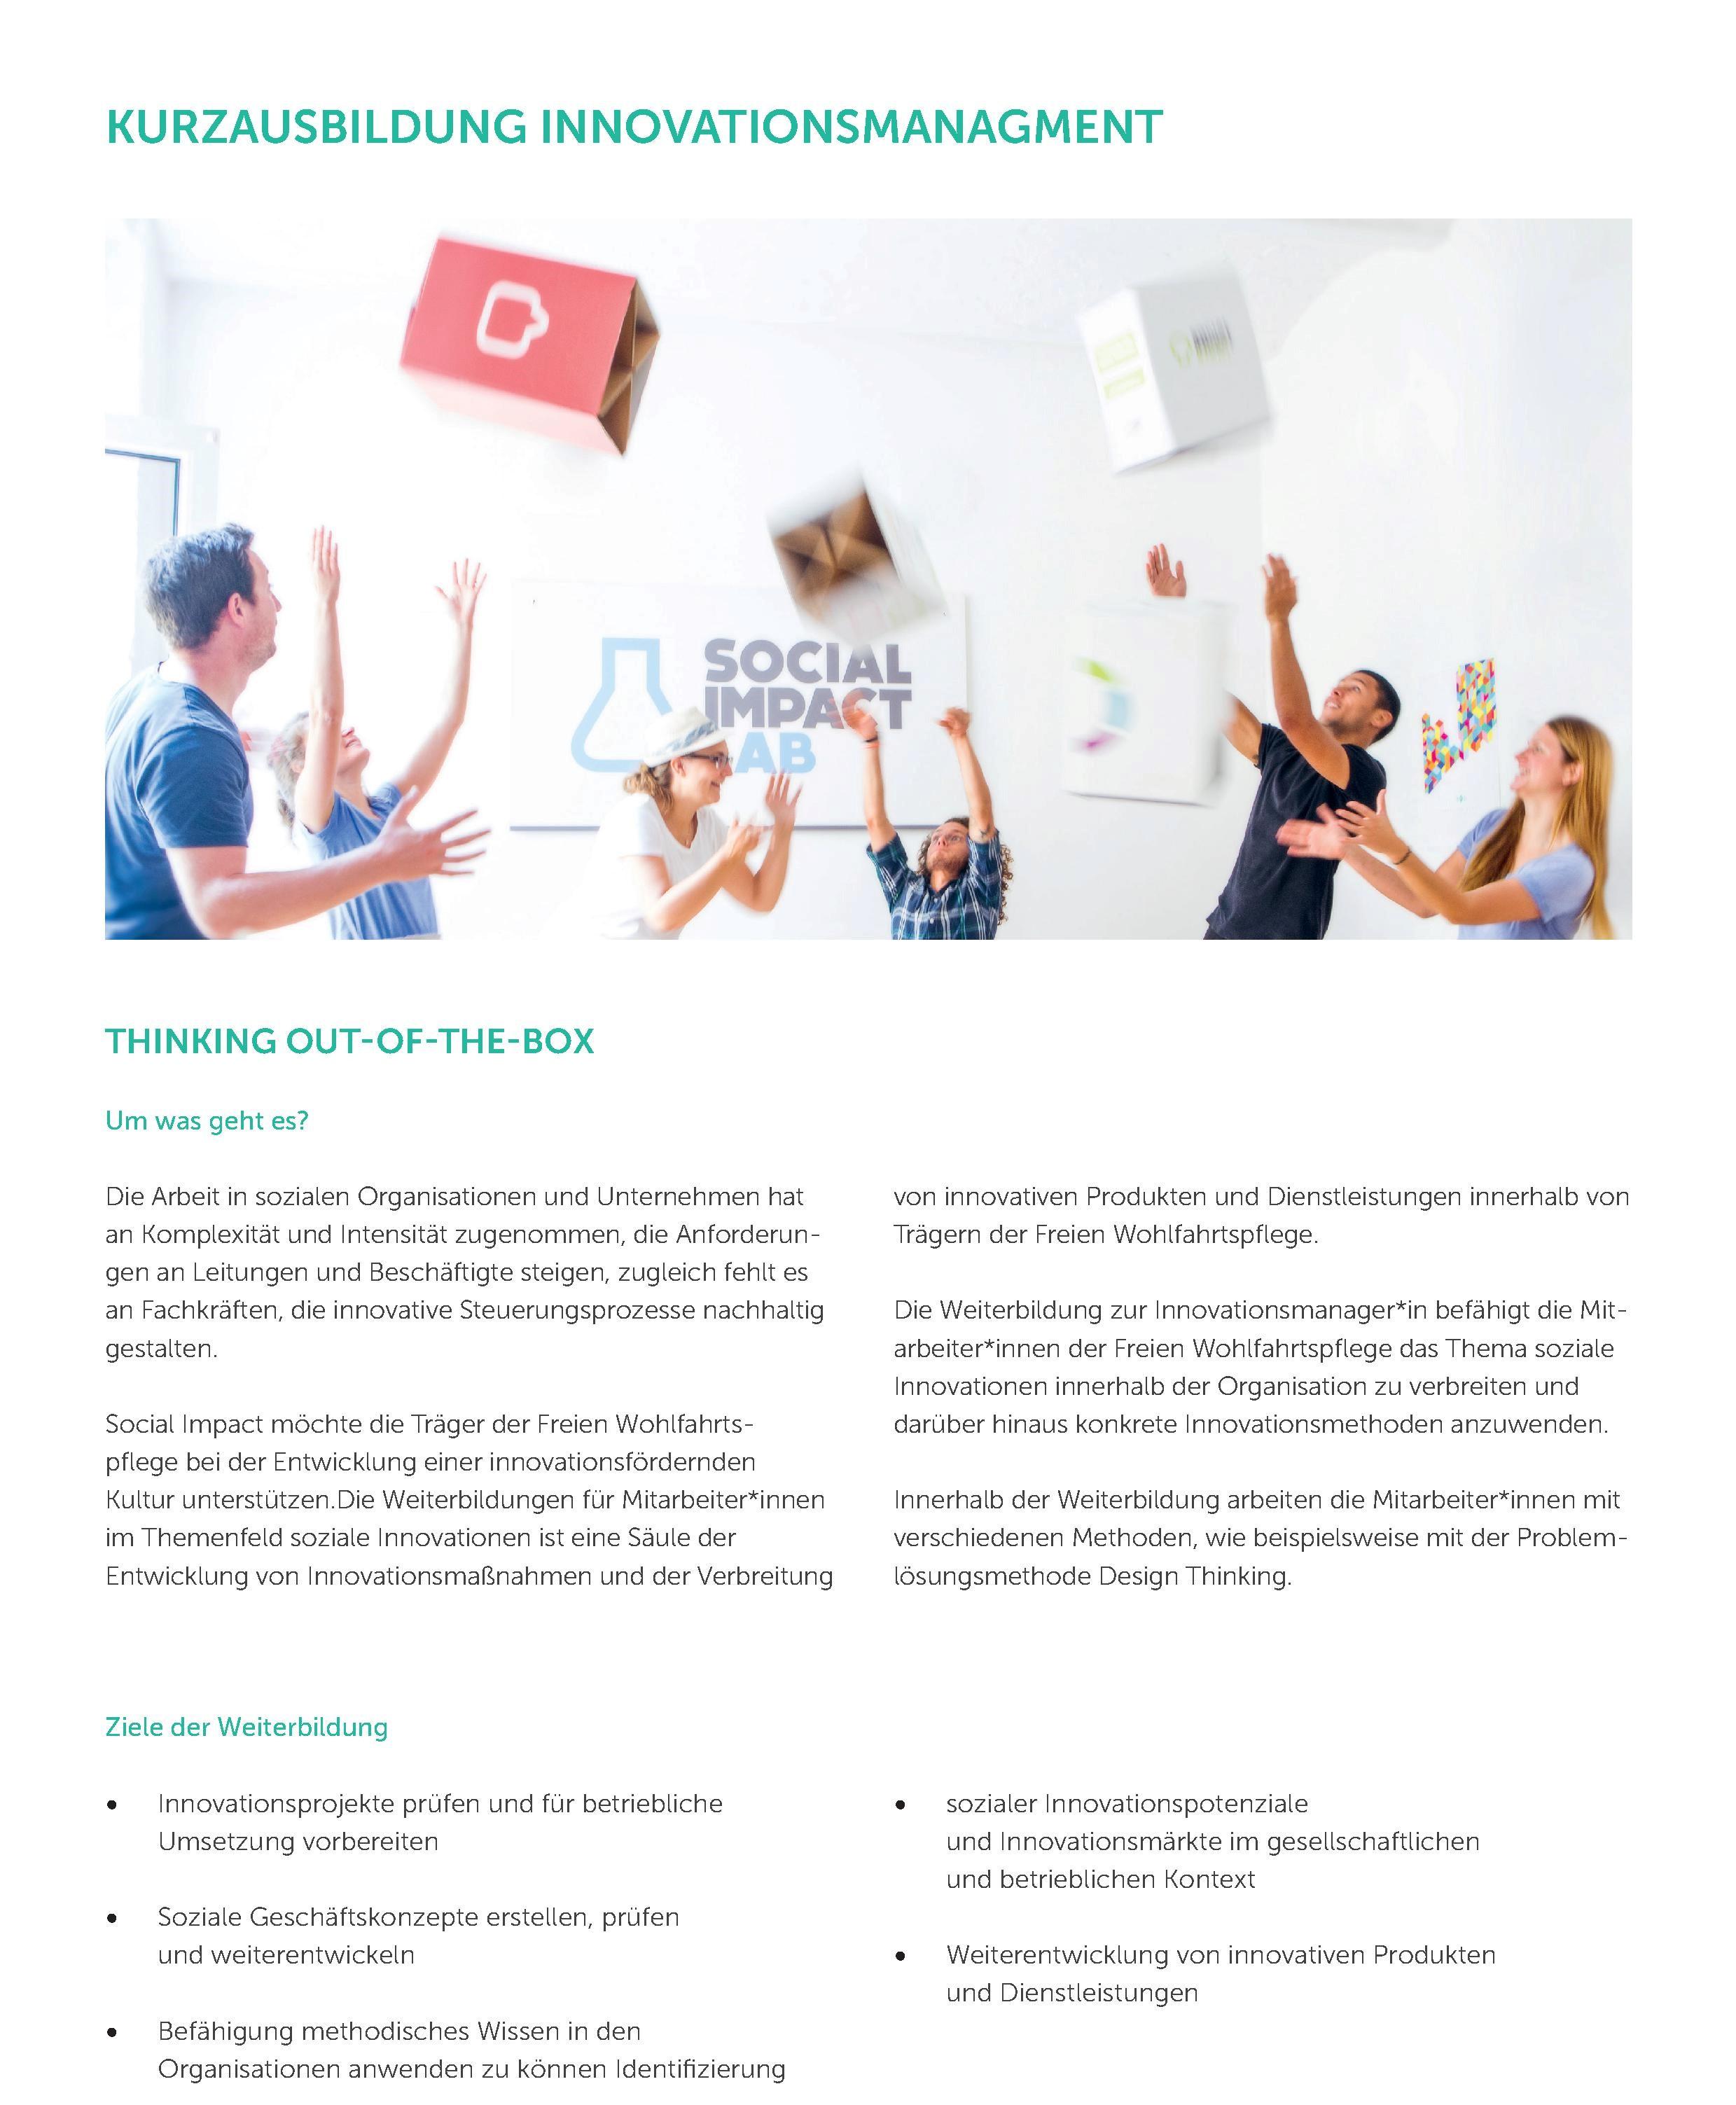 Kurzausbildung Innovationsmanagement